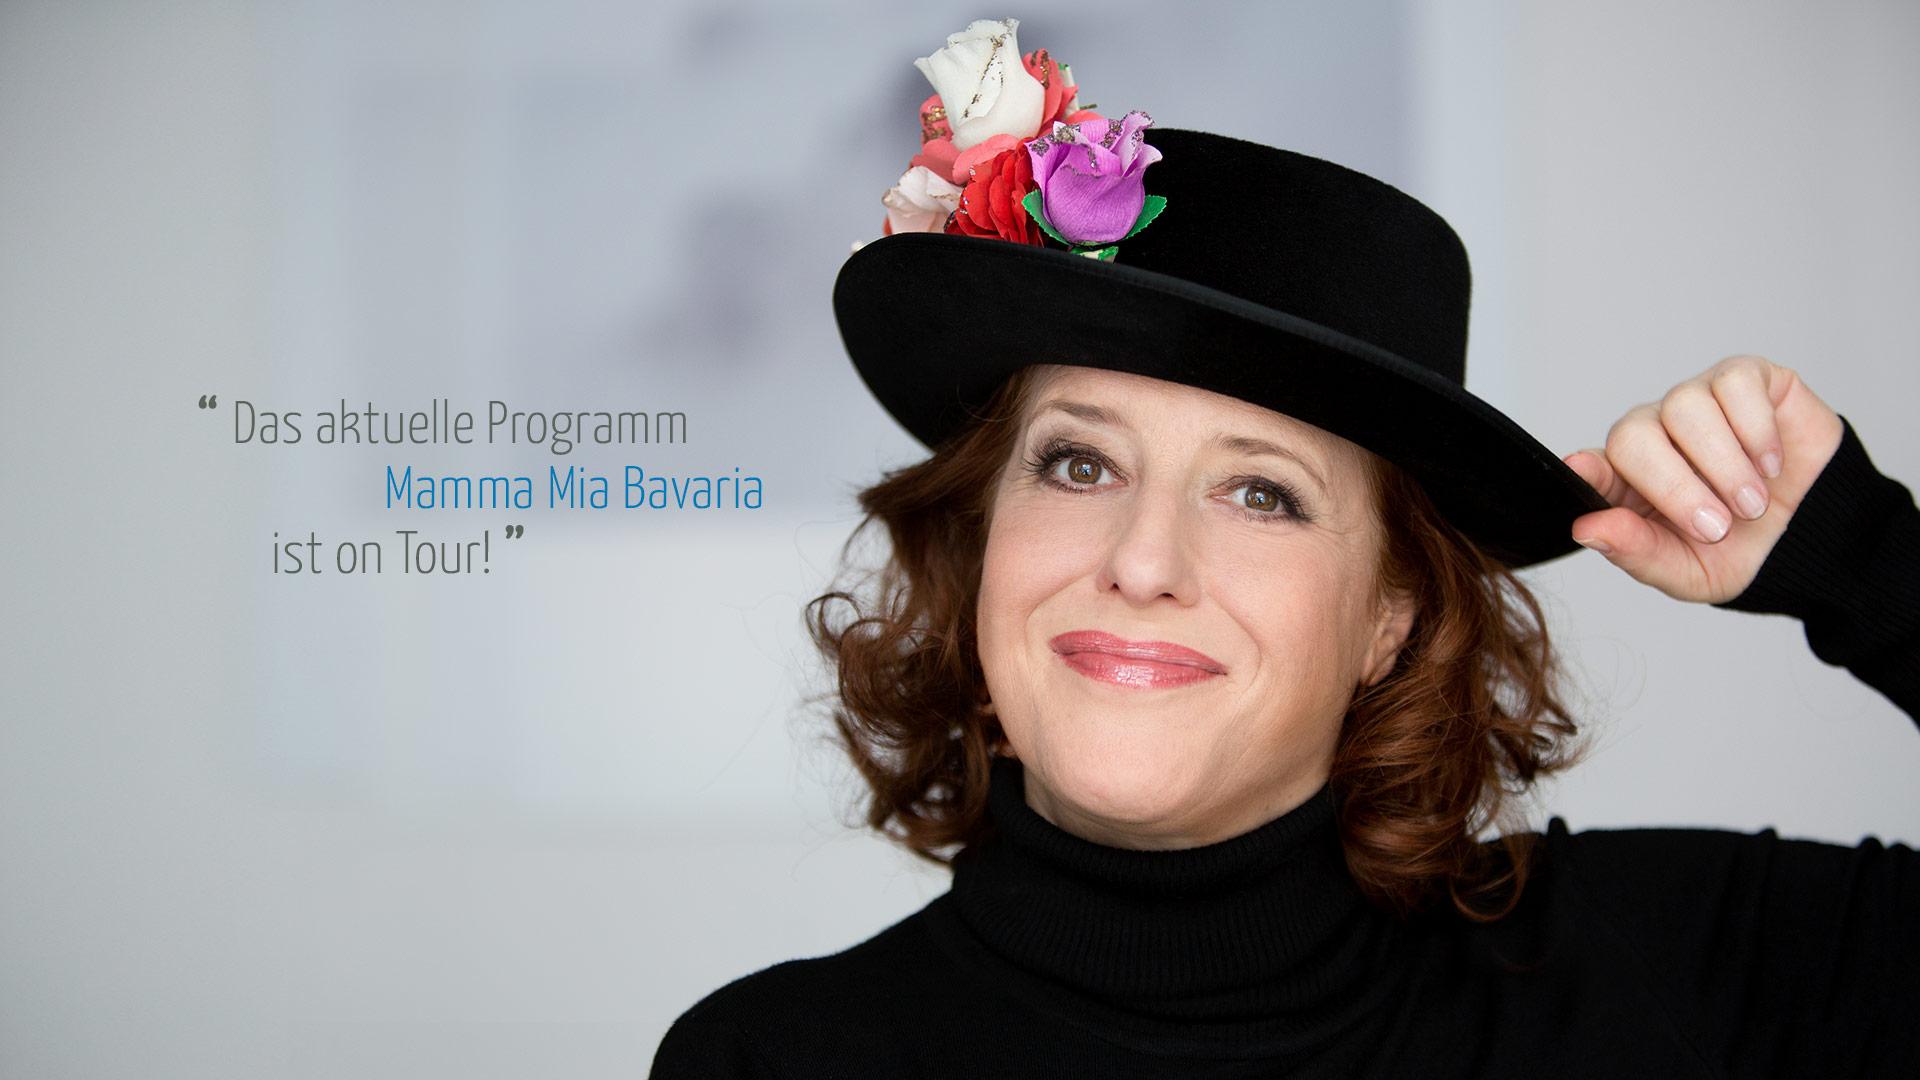 Das aktuelle Programm Mamma Mia Bavaria ist on Tour!